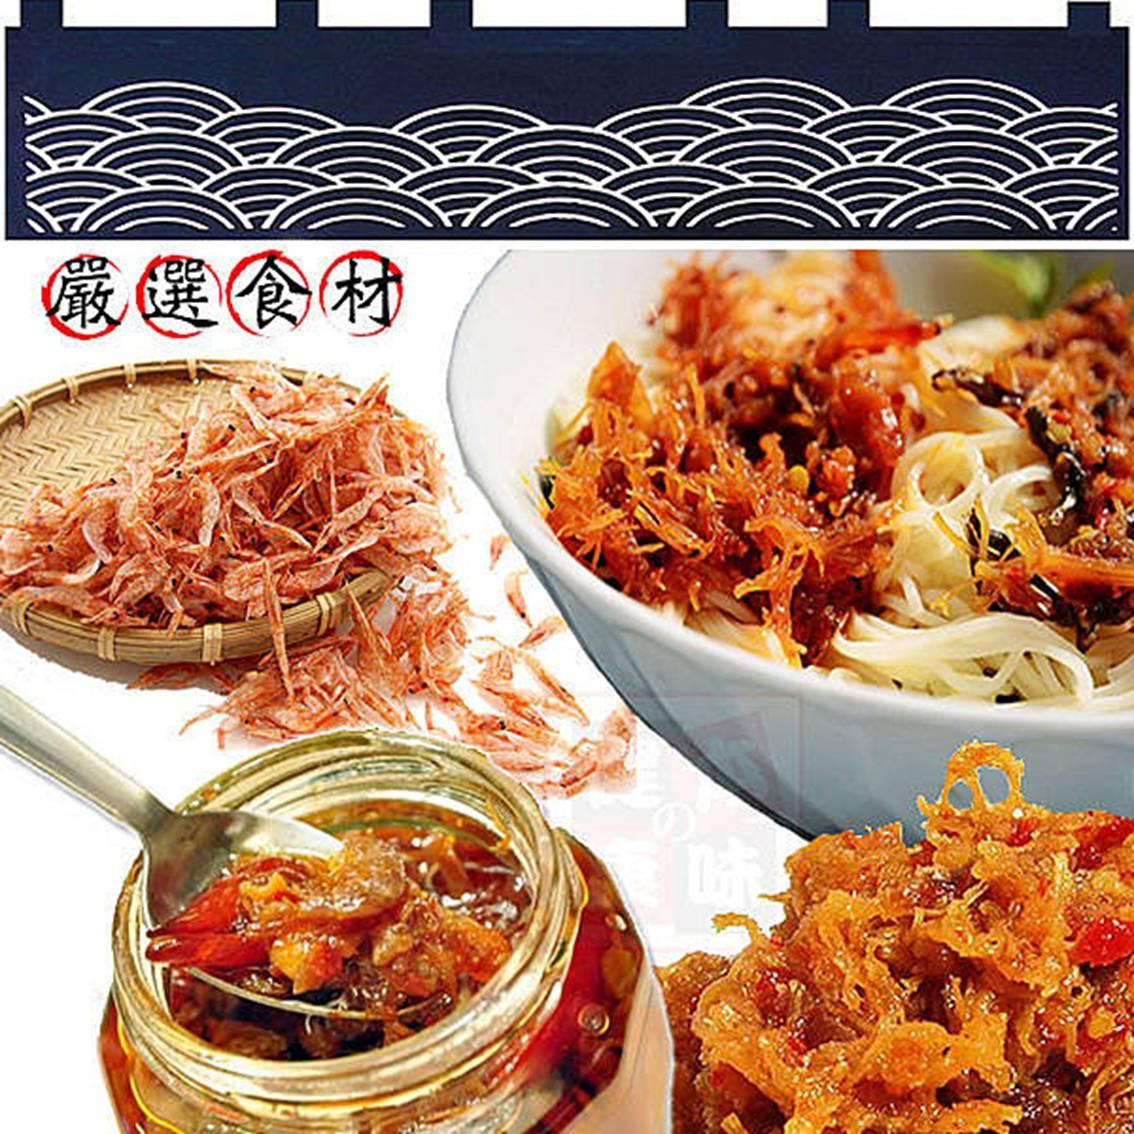 澎湖名產 XO干貝醬 櫻花蝦醬(240克) 【樂活生活館】